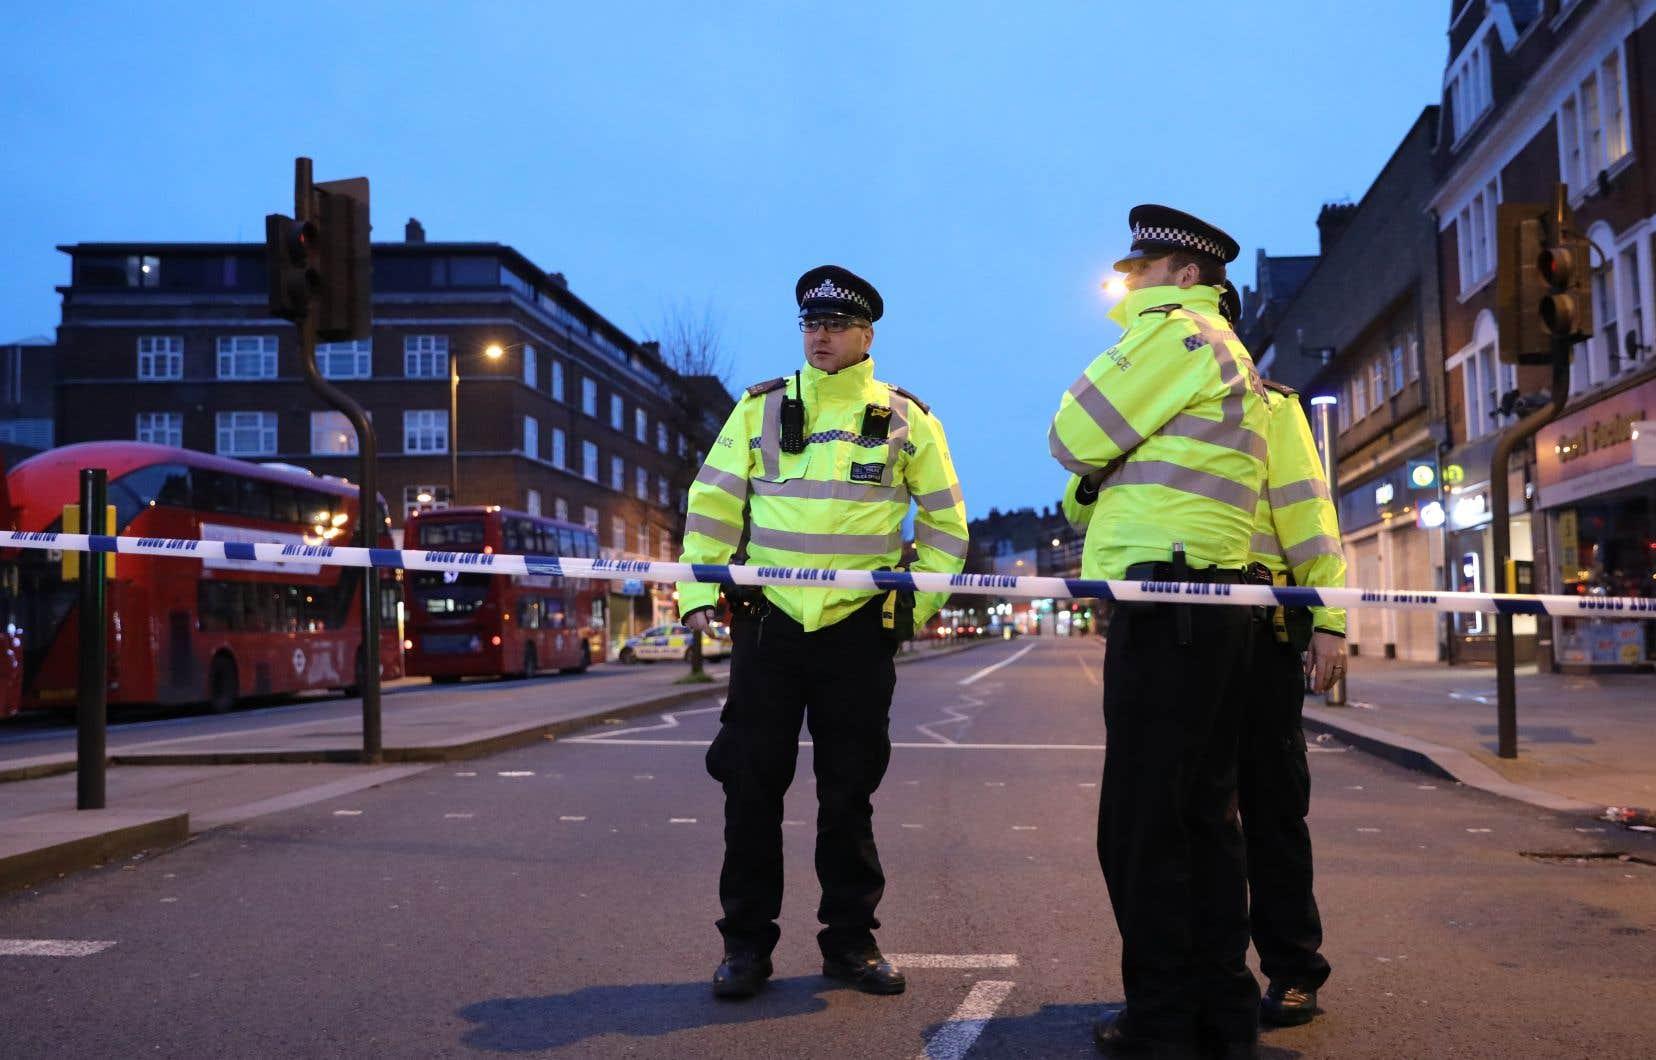 <p>La rue où se sont produits les faits a été bouclée par la police. Certains magasins ont fermé leurs portes plus tôt que prévu et un hélicoptère survolait la zone.</p>